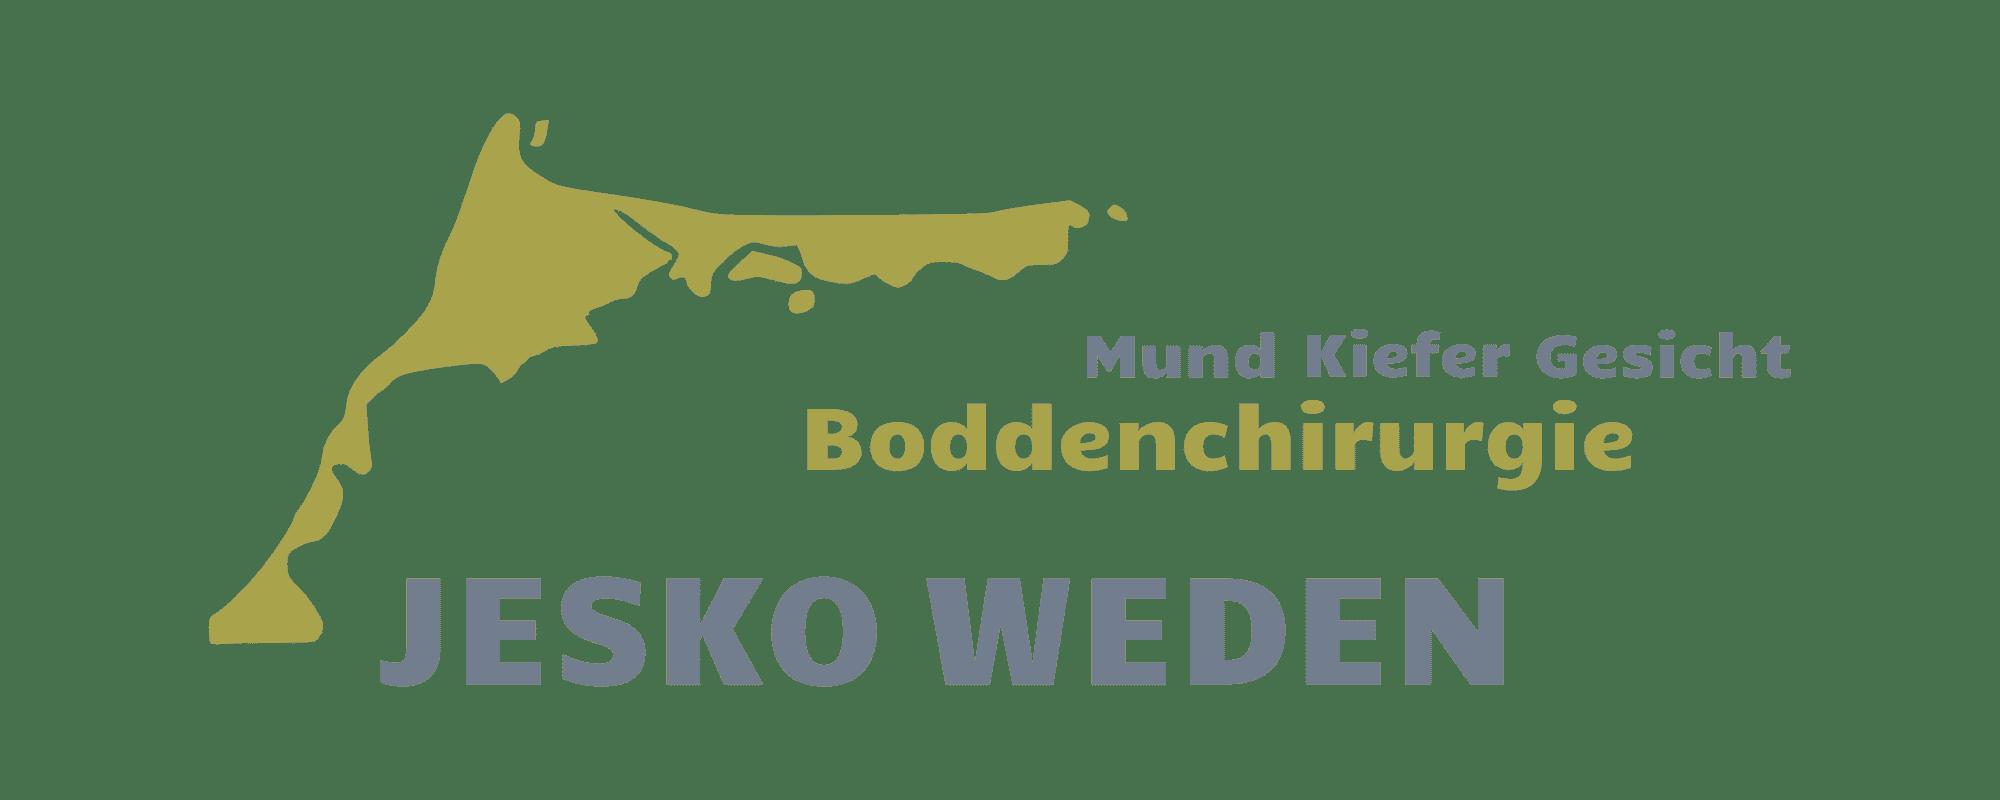 Boddenchirurgie Jesko Weden | Facharztpraxis für Mund-Kiefer und Gesichtschirurgie